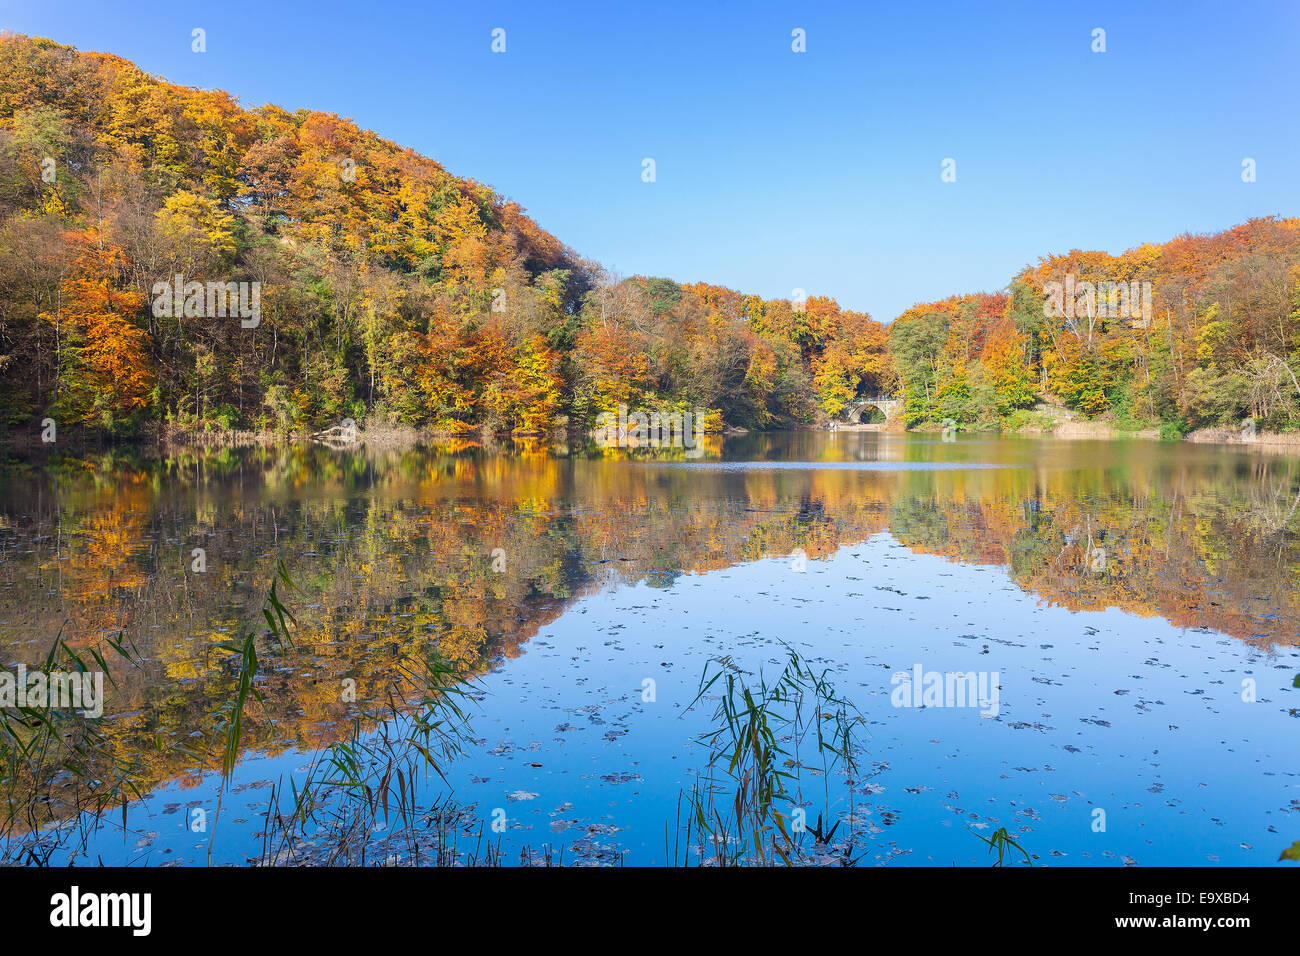 Colorido Paisaje otoñal con reflejo en un lago. Imagen De Stock